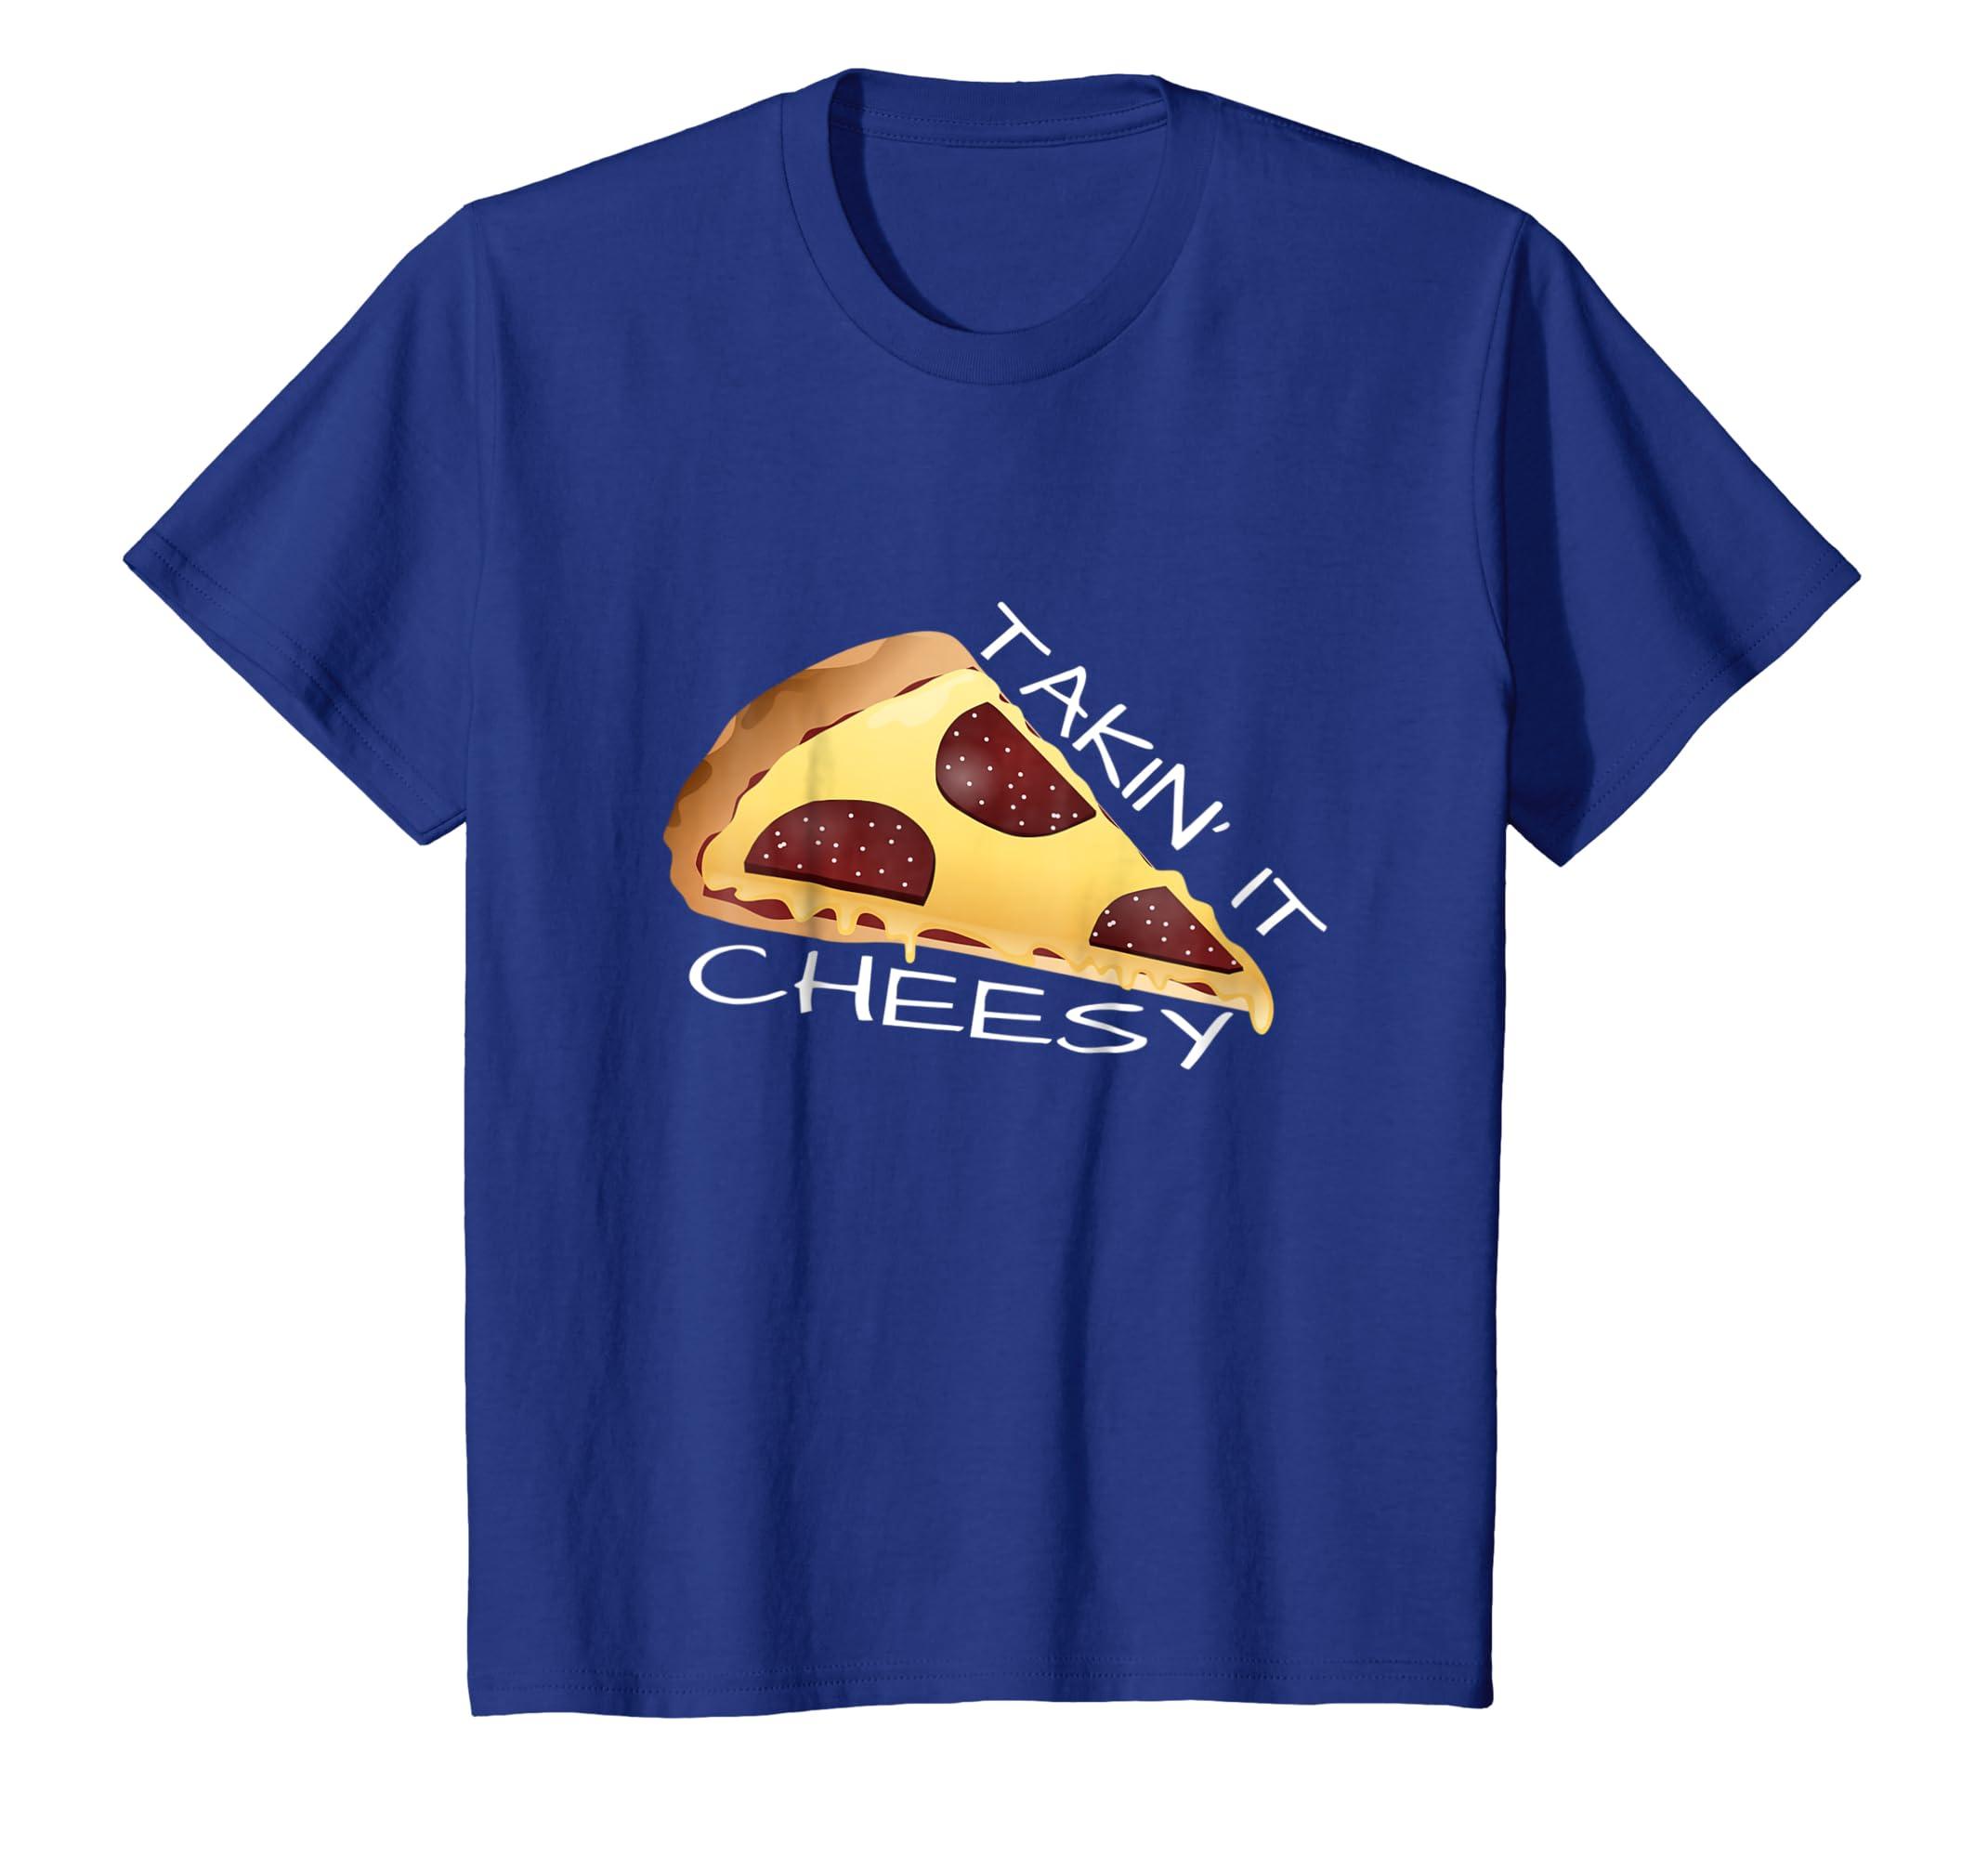 Amazoncom Takin It Cheesy Funny Cheesy Pizza T Shirt